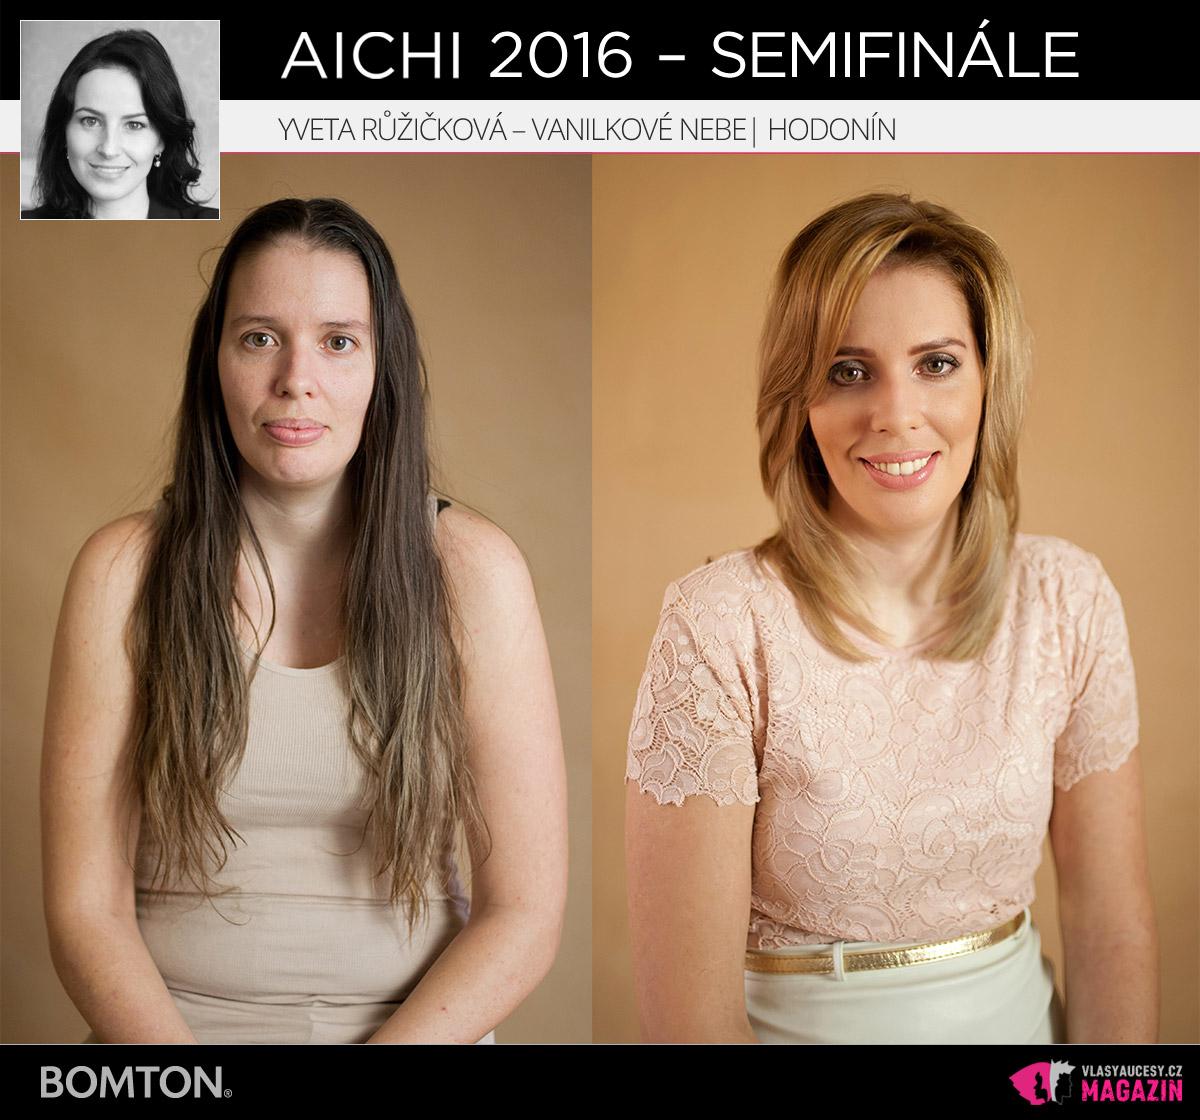 Nominační proměna AICHI 2016: Yveta Růžičková, Vanilkové Nebe, Hodonín